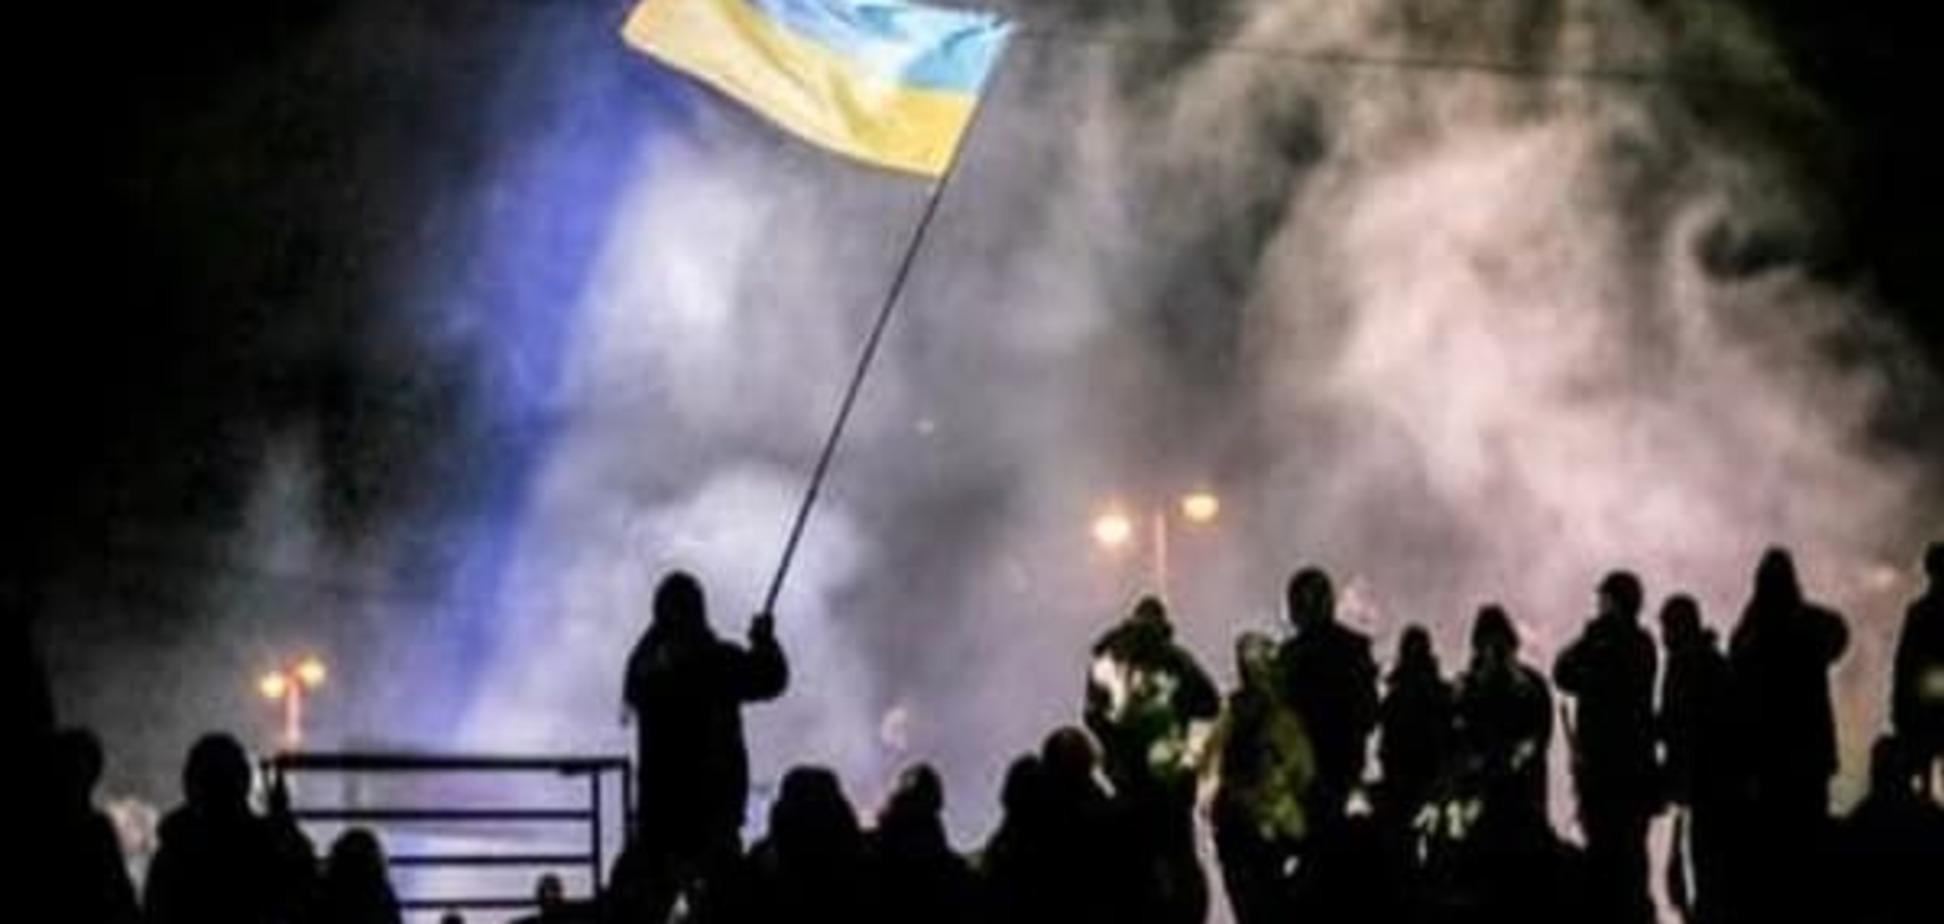 Інтерв'ю з режисером фільму про Майдан, що претендує на 'Оскар'